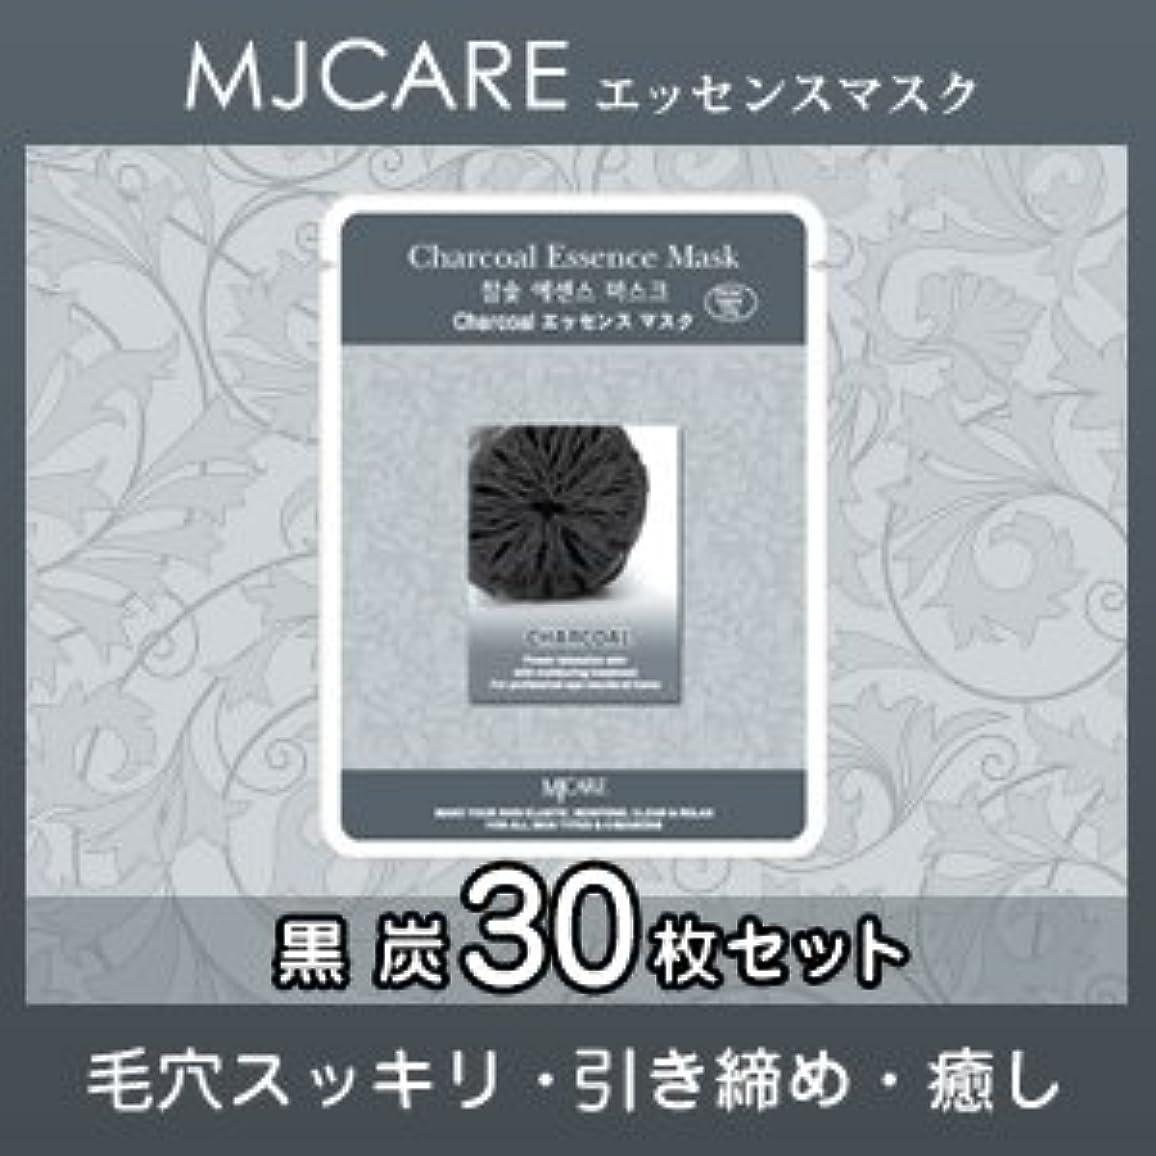 実際学部長閉じるMJCARE (エムジェイケア) 黒炭 エッセンスマスク 30セット